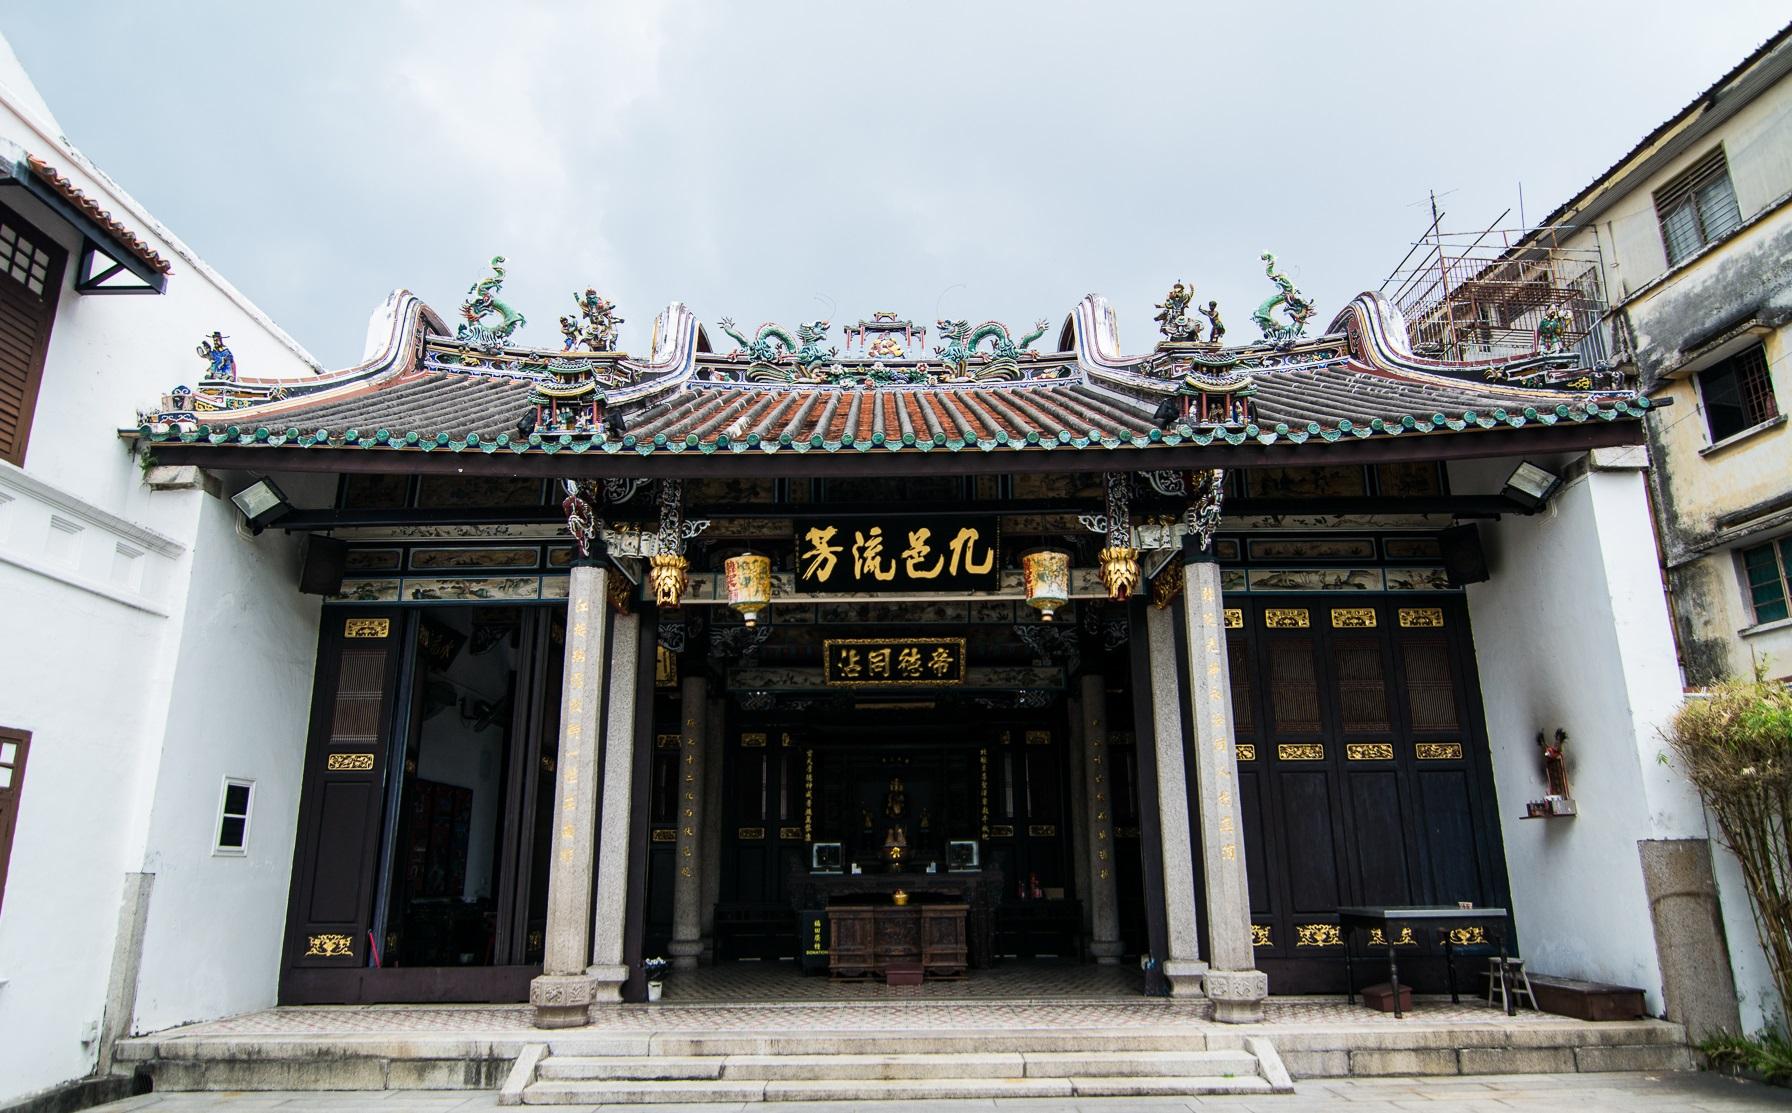 معبد هان جیانگ آنکسترال پنانگ